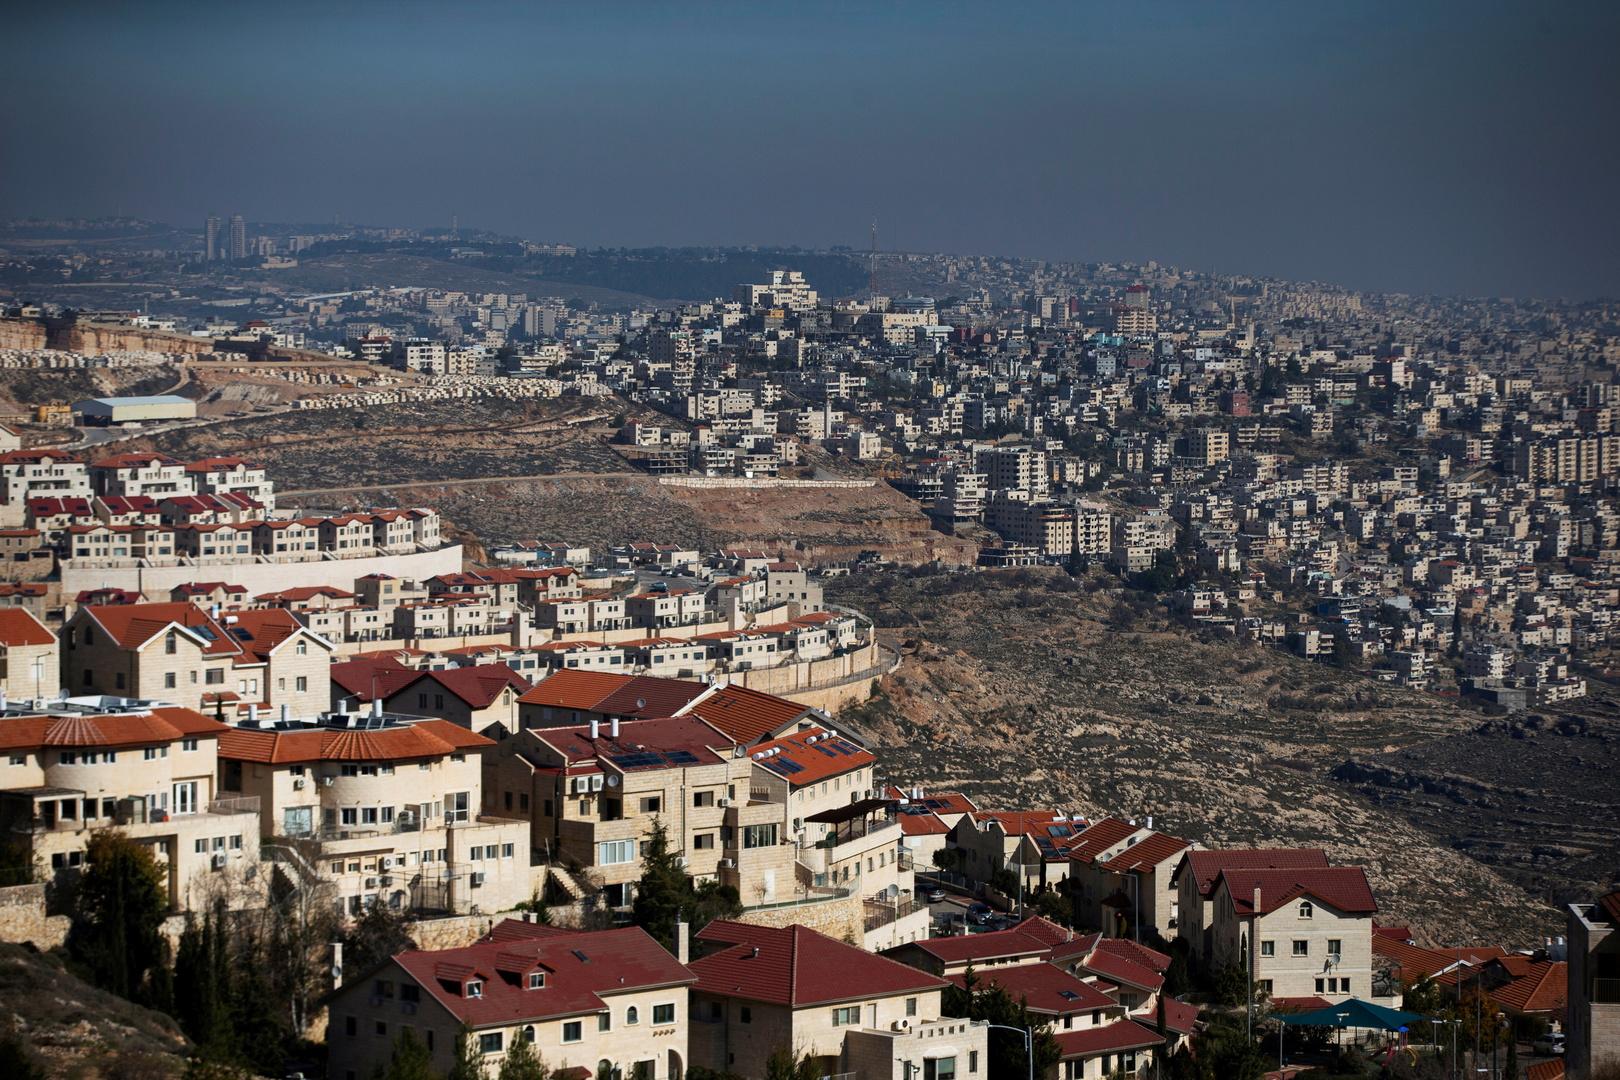 السلطات الإسرائيلية تصادق على مخططات استيطانية في بيت لحم